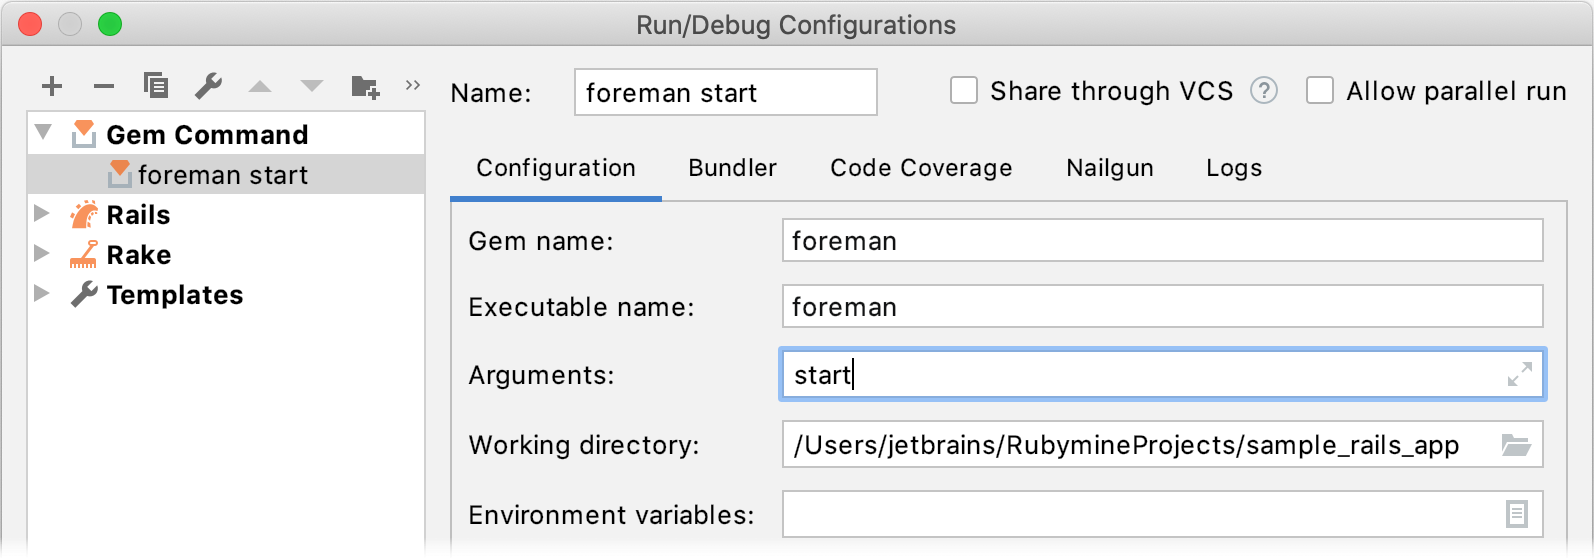 Foreman run/debug configuration